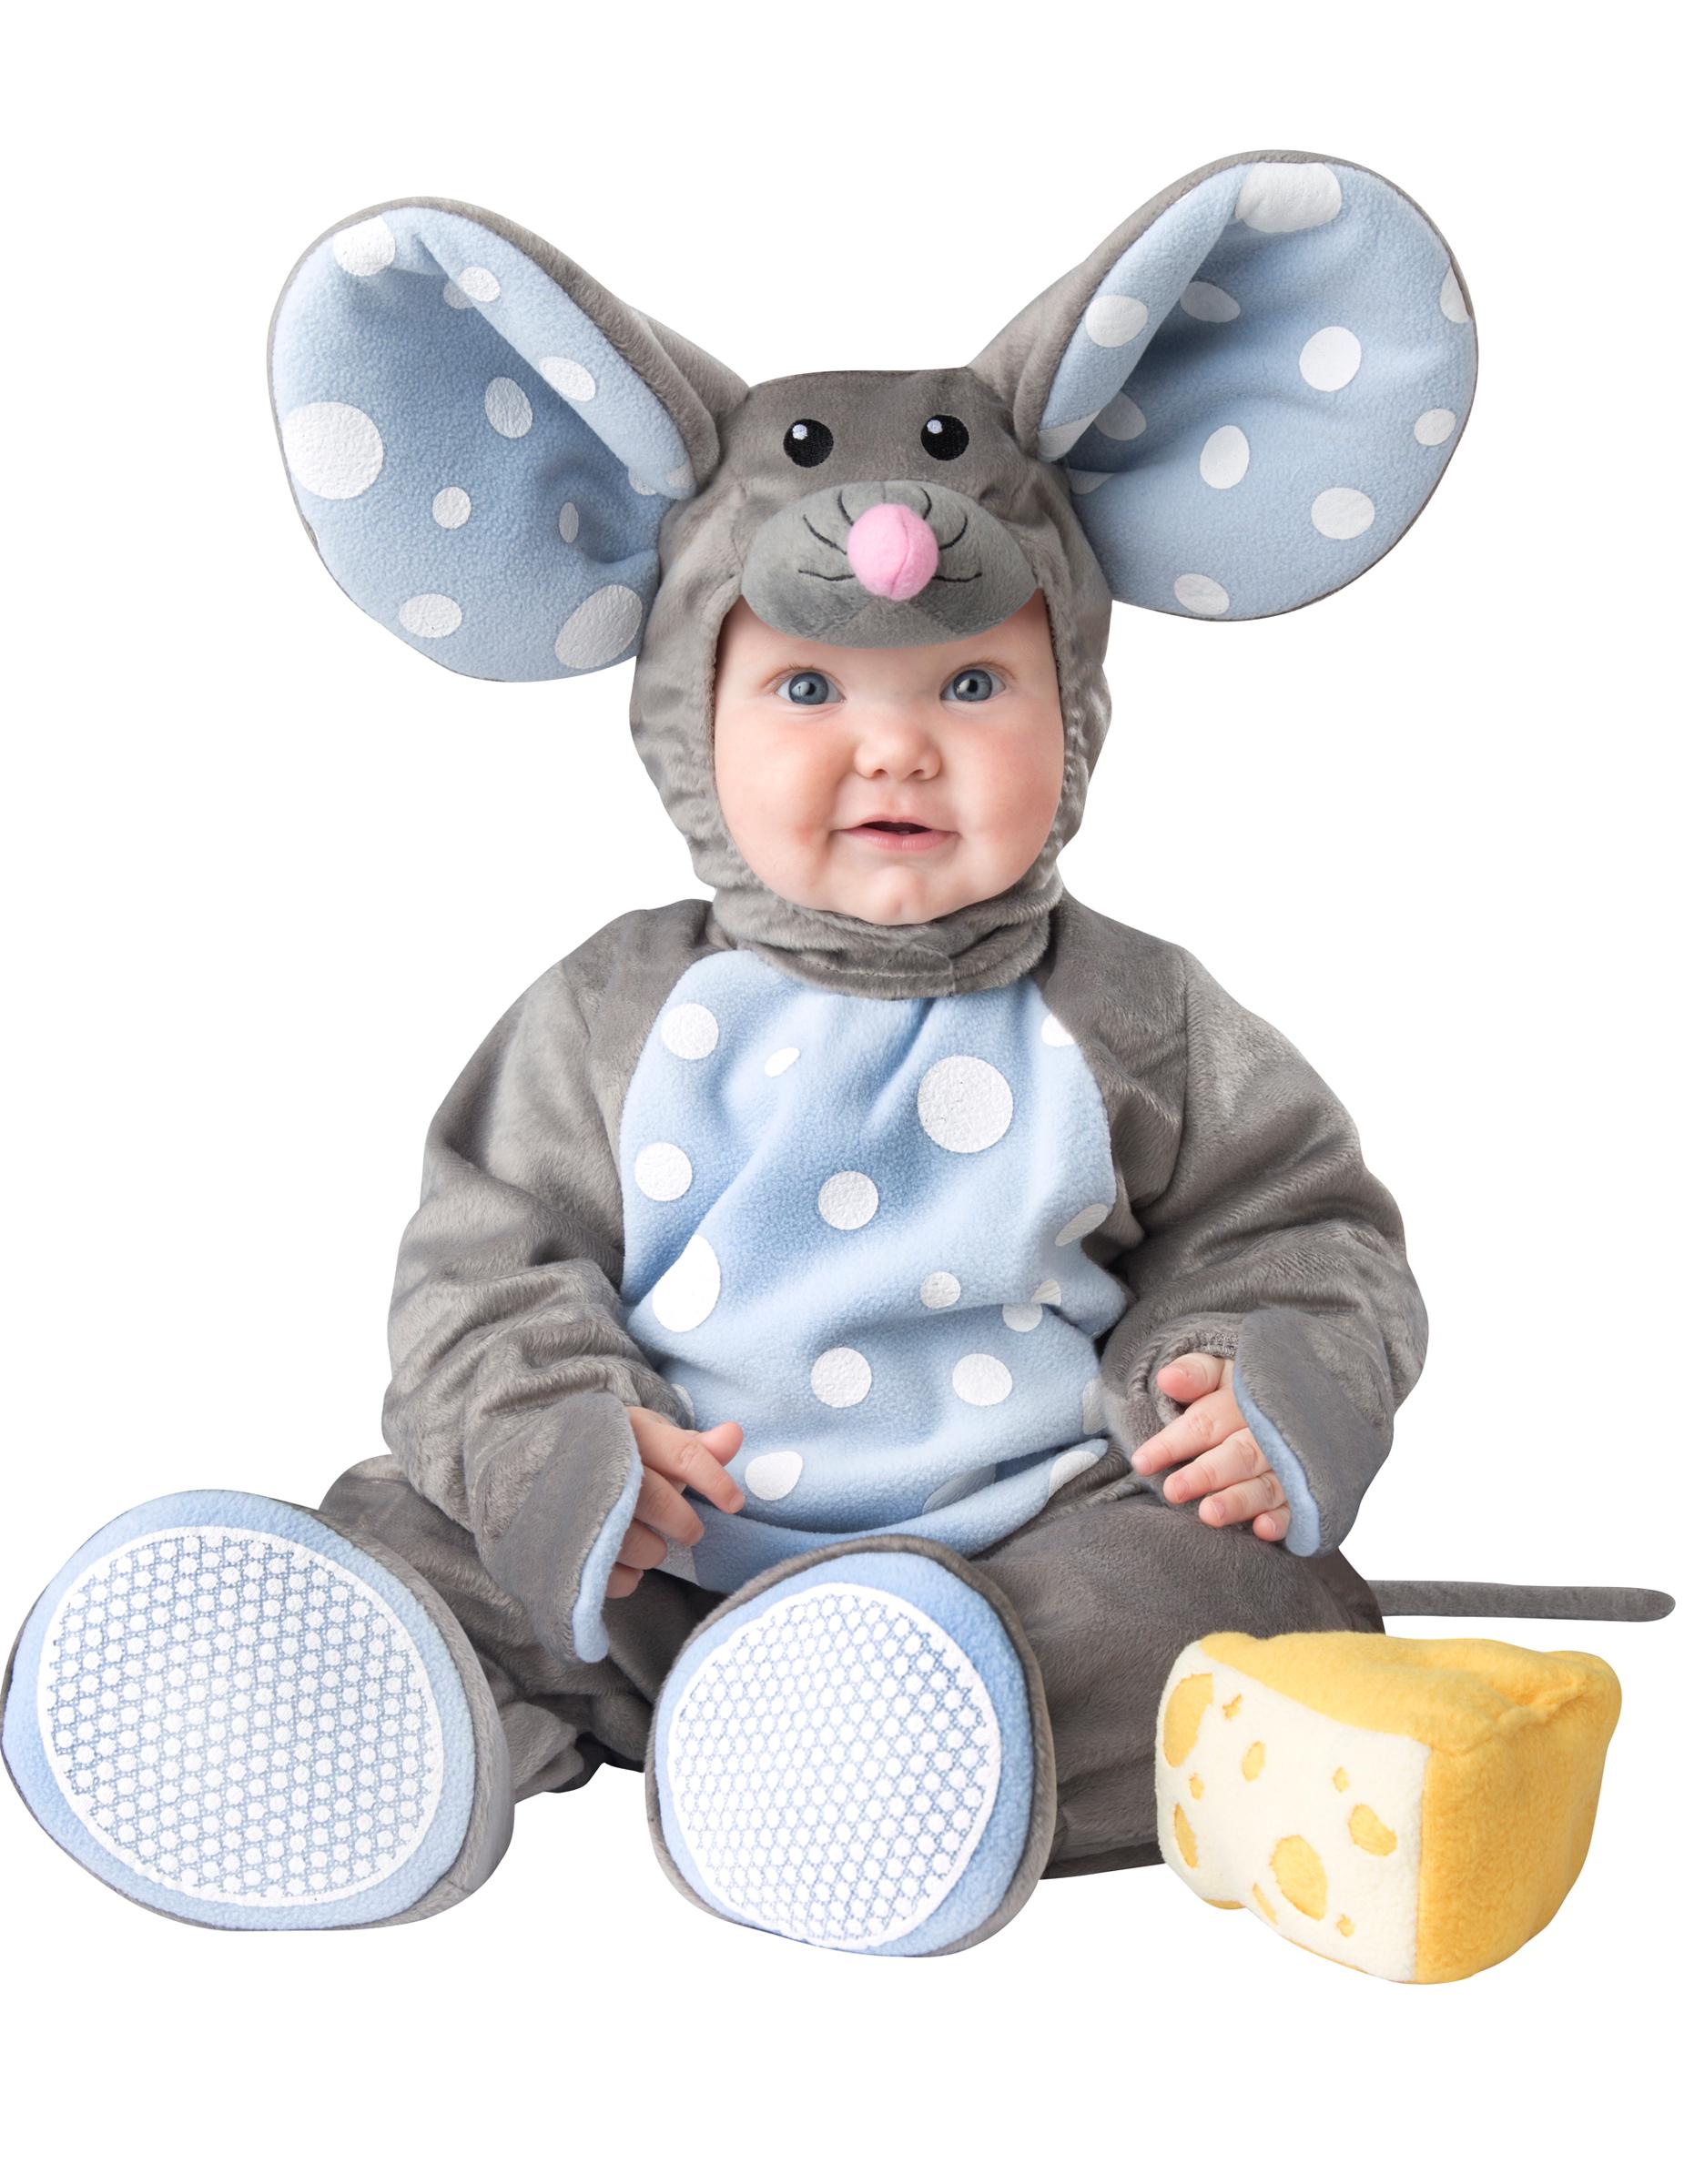 d guisement souris grise pour b b luxe deguise toi achat de d guisements enfants. Black Bedroom Furniture Sets. Home Design Ideas